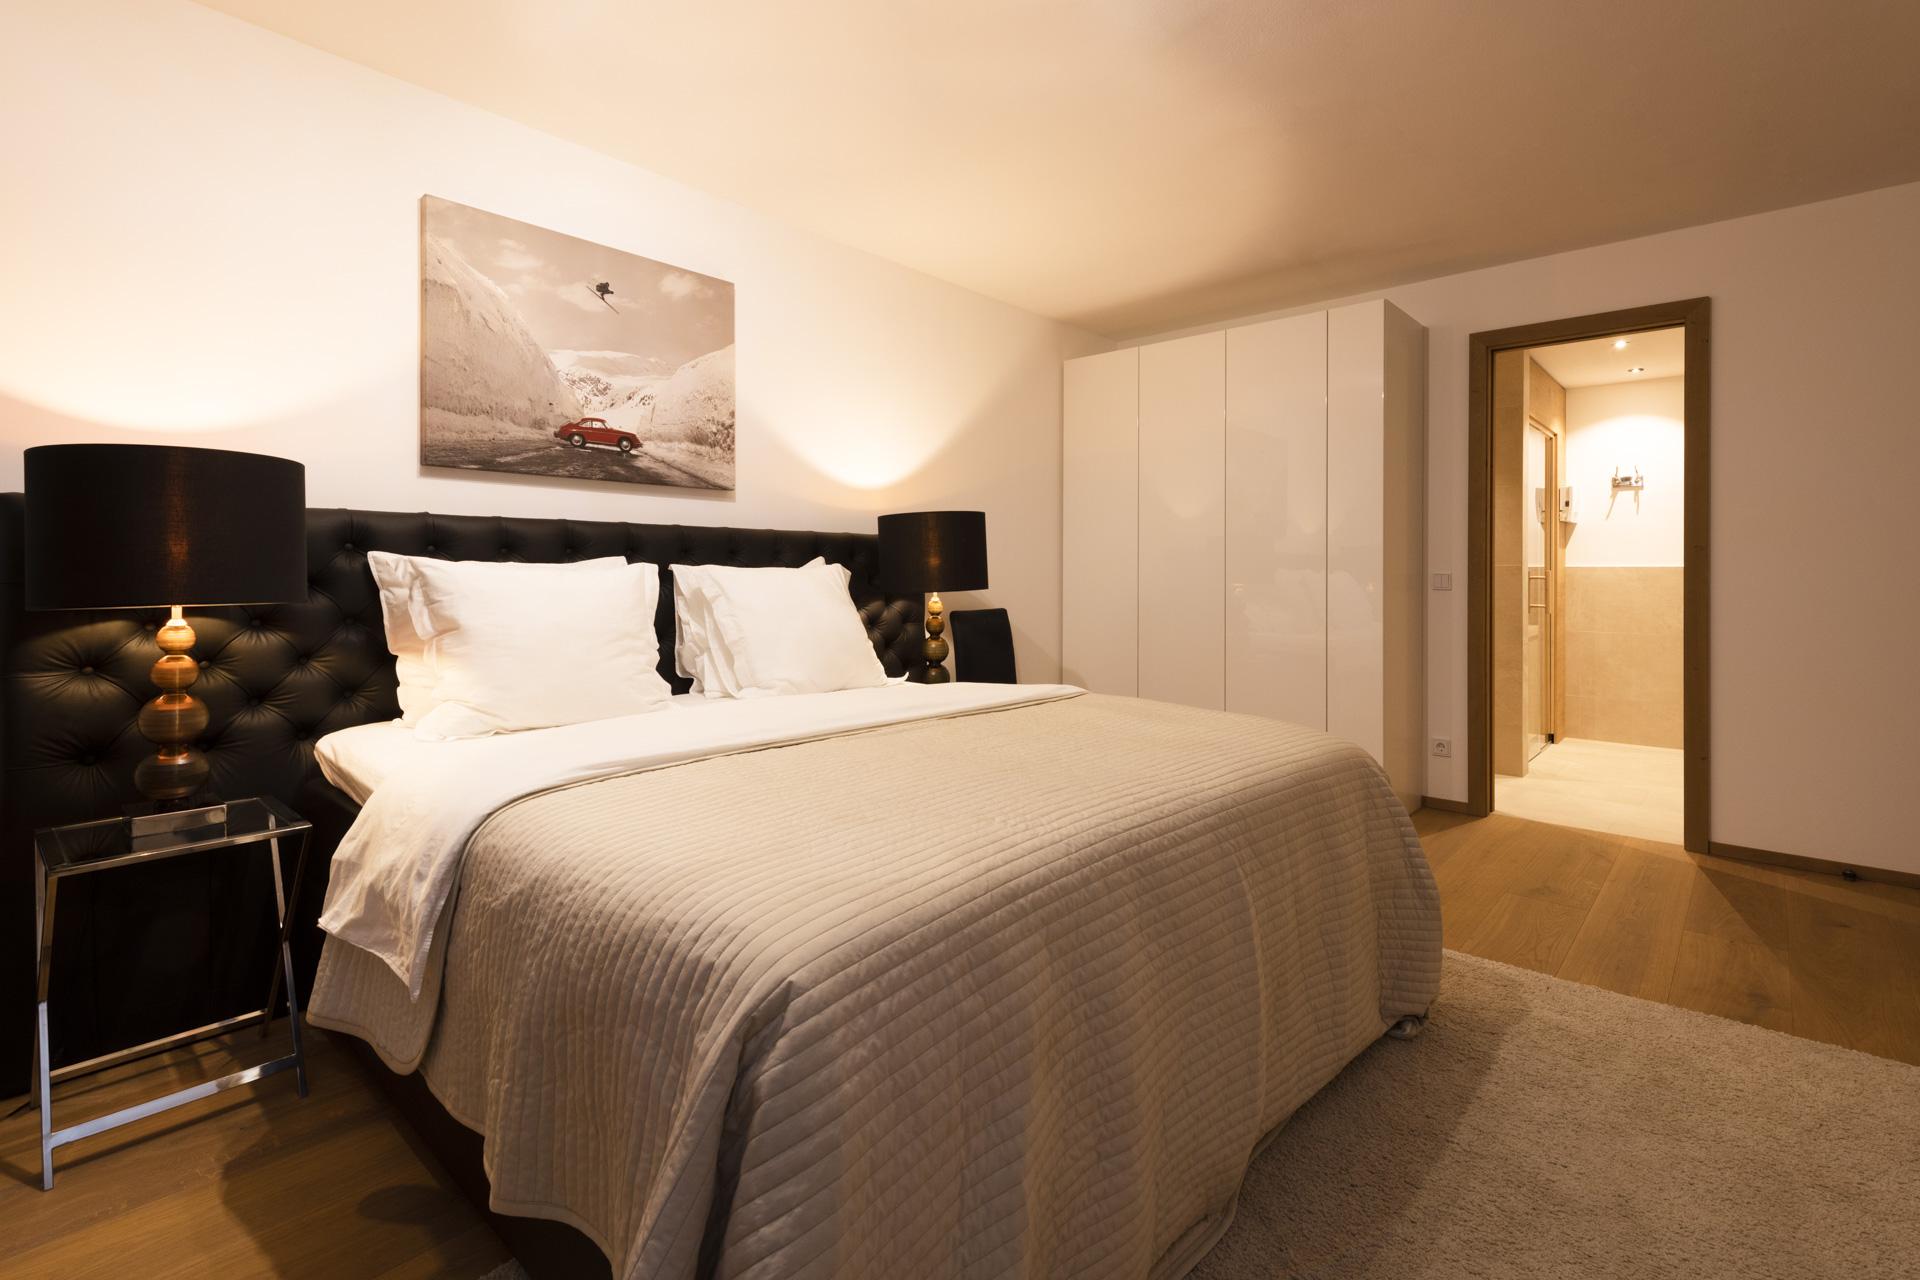 Tischlerei-Decker-Projekte-Wohnung-D-Schlafzimmer